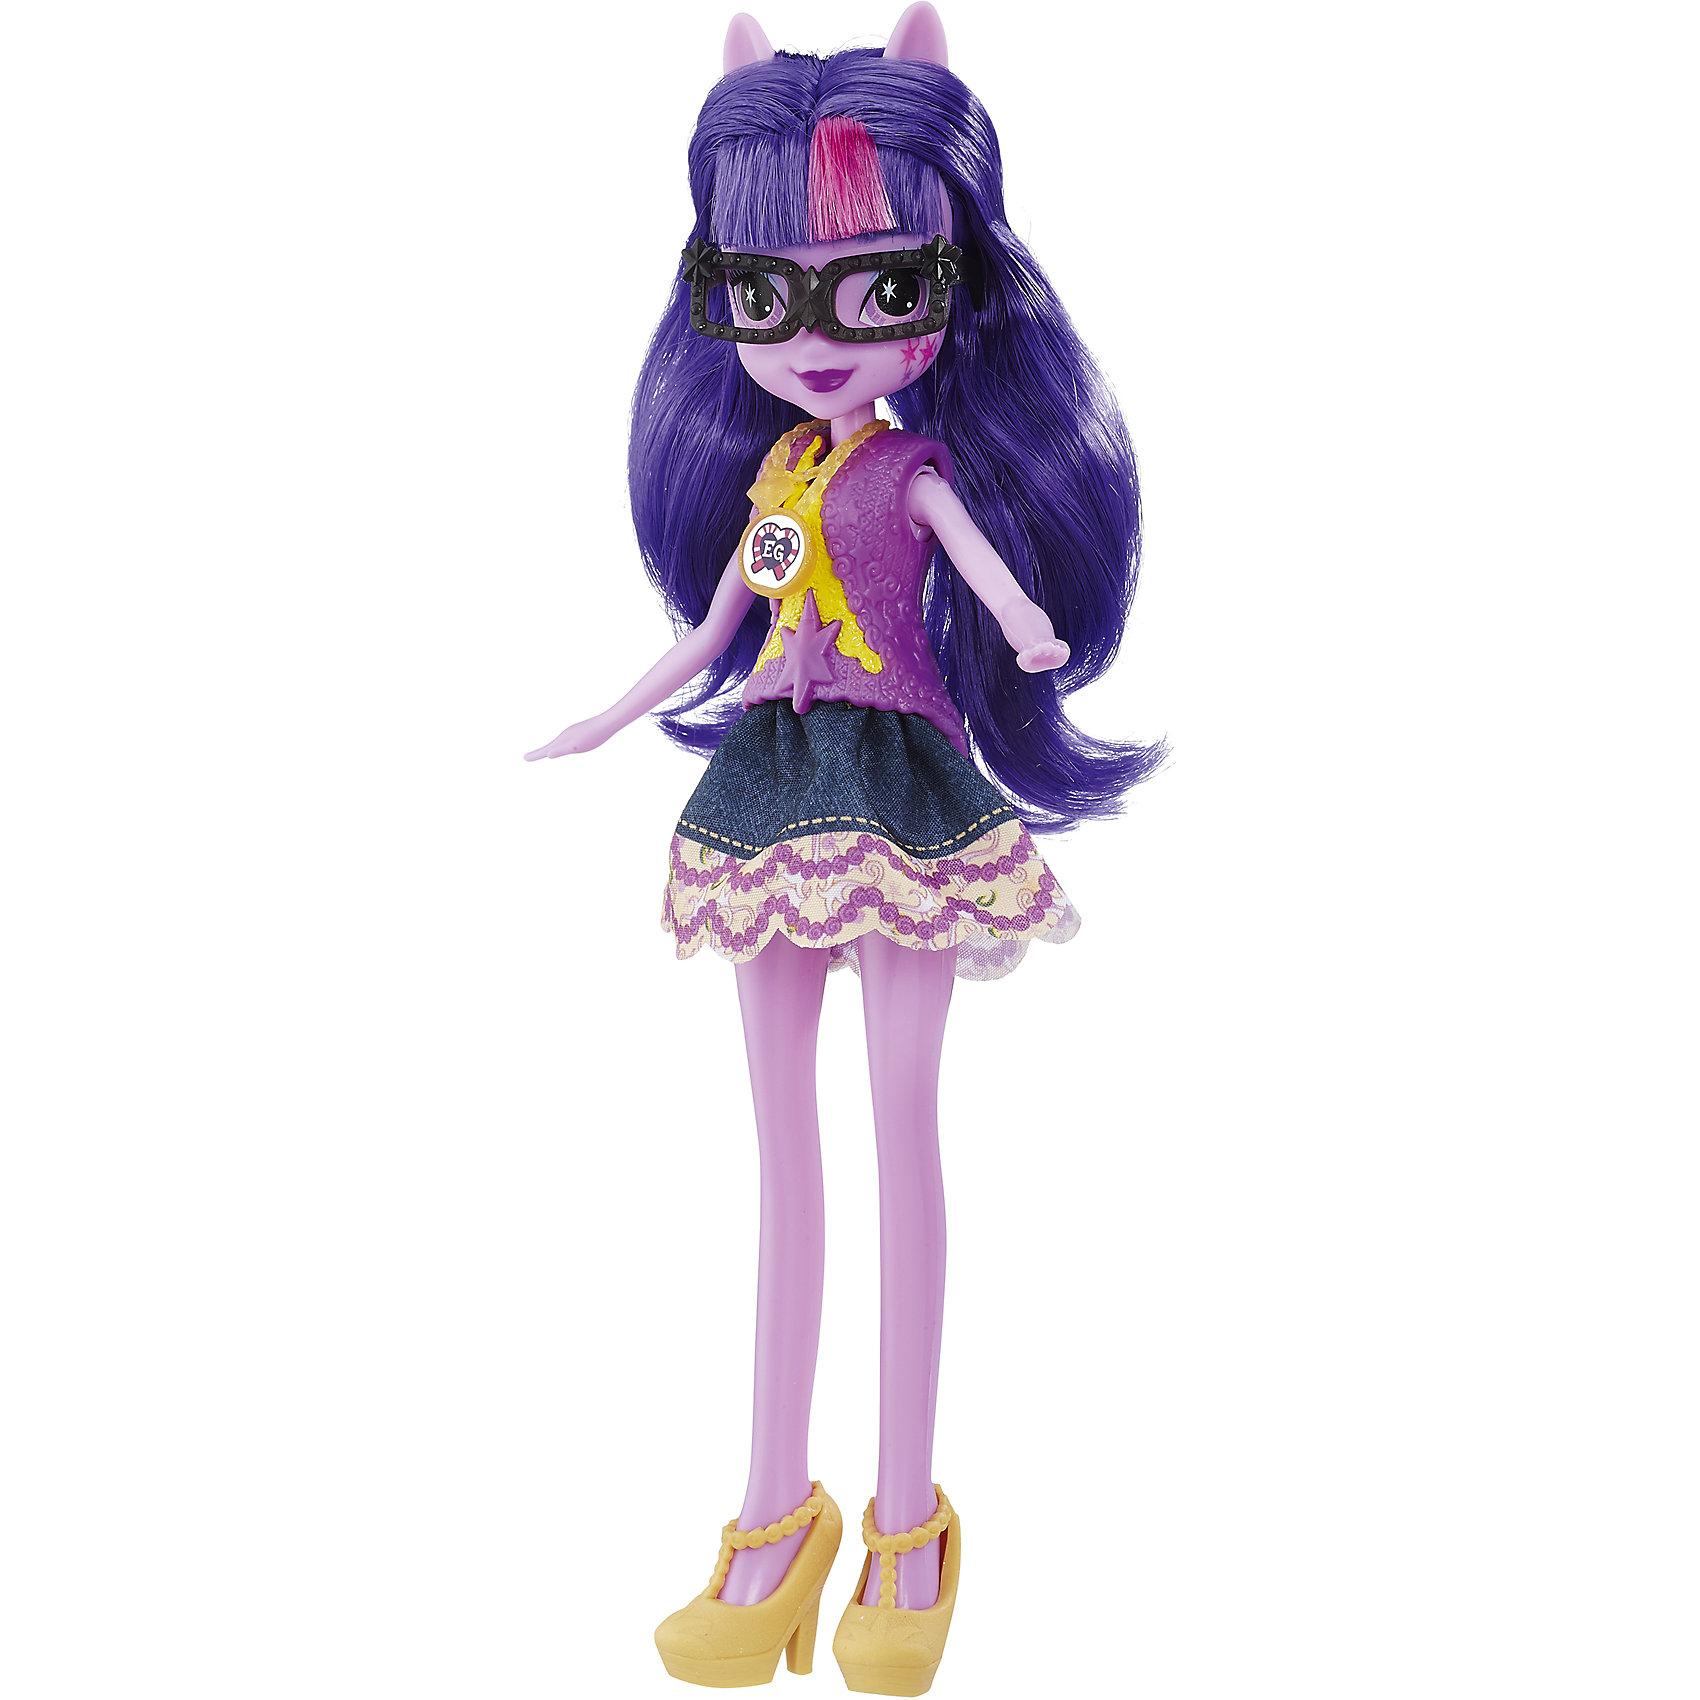 Кукла Легенда Вечнозеленого леса, B6476/B7522, My little Pony, HasbroКуклы-модели<br>Характеристики:<br><br>• возраст: от 5 лет;<br>• материал: пластик;<br>• в комплекте: кукла, наряд, ожерелье;<br>• высота куклы: 22 см;<br>• размер упаковки: 33,5х14х5 см;<br>• вес упаковки: 200 гр.;<br>• страна производитель: Китай.<br><br>Кукла «Легенда Вечнозеленого леса» Hasbro — героиня известного мультсериала «Мой маленький пони. Девочки из Эквестрии» Спаркл. Она одета в фиолетовое платье. У куклы выразительные глаза, фиолетовая кожа и длинные мягкие фиолетовые волосы. Дополняет образ Спаркл необычное ожерелье. На ожерелье имеется код, который поможет разблокировать увлекательную игру в приложении Equestria Girls.<br><br>Куклу «Легенда Вечнозеленого леса» Hasbro можно приобрести в нашем интернет-магазине.<br><br>Ширина мм: 50<br>Глубина мм: 140<br>Высота мм: 335<br>Вес г: 200<br>Возраст от месяцев: 60<br>Возраст до месяцев: 2147483647<br>Пол: Женский<br>Возраст: Детский<br>SKU: 6753135